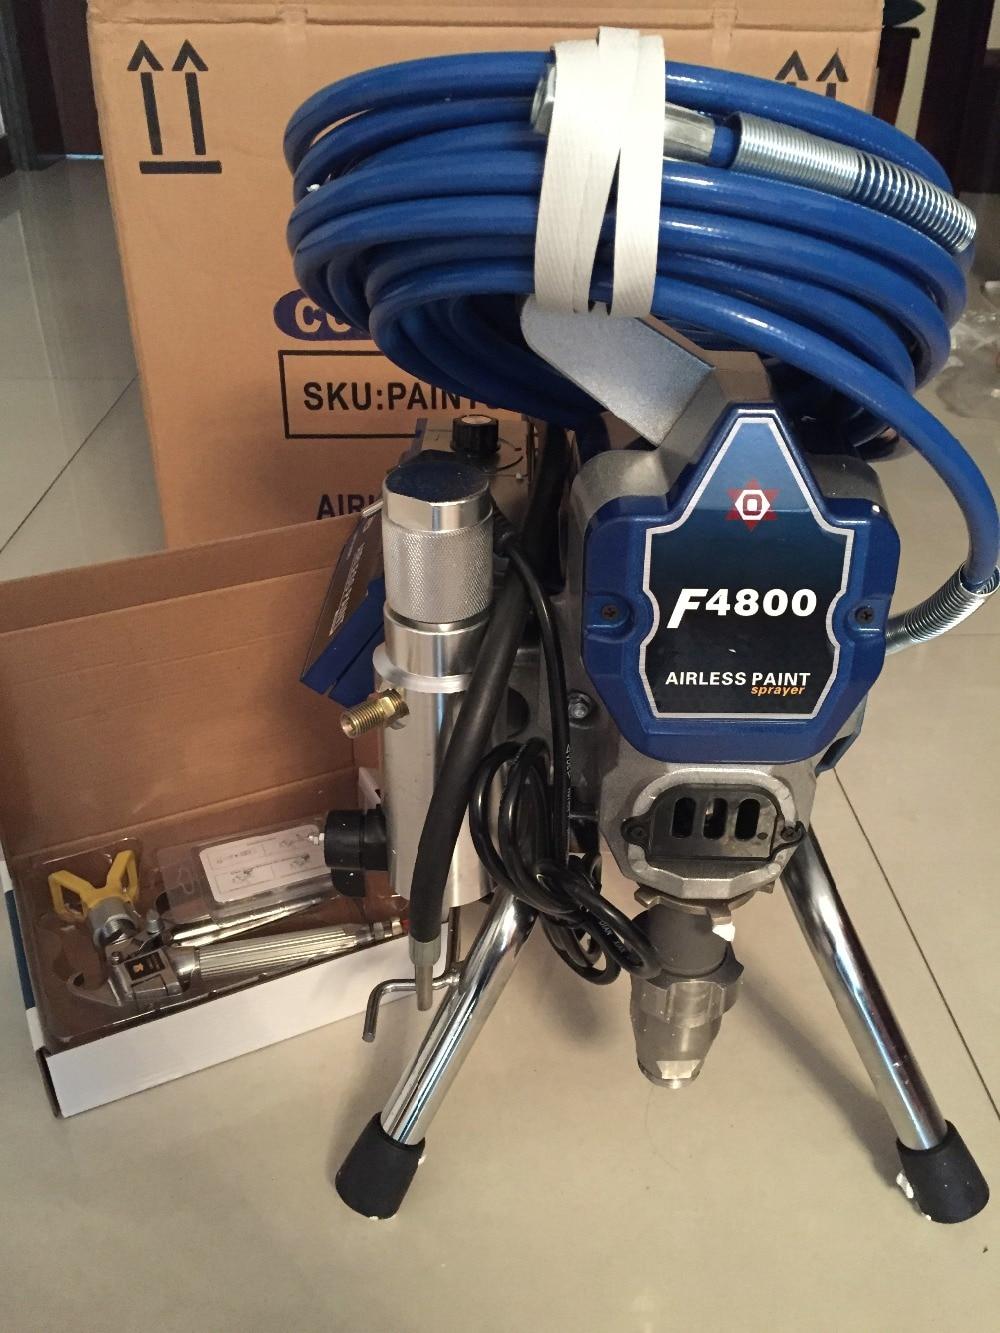 Pompa a pistone airless per verniciatura a spruzzo airless F4800 macchina per verniciatura pesante con pistola a spruzzo e tubo flessibile di pressione